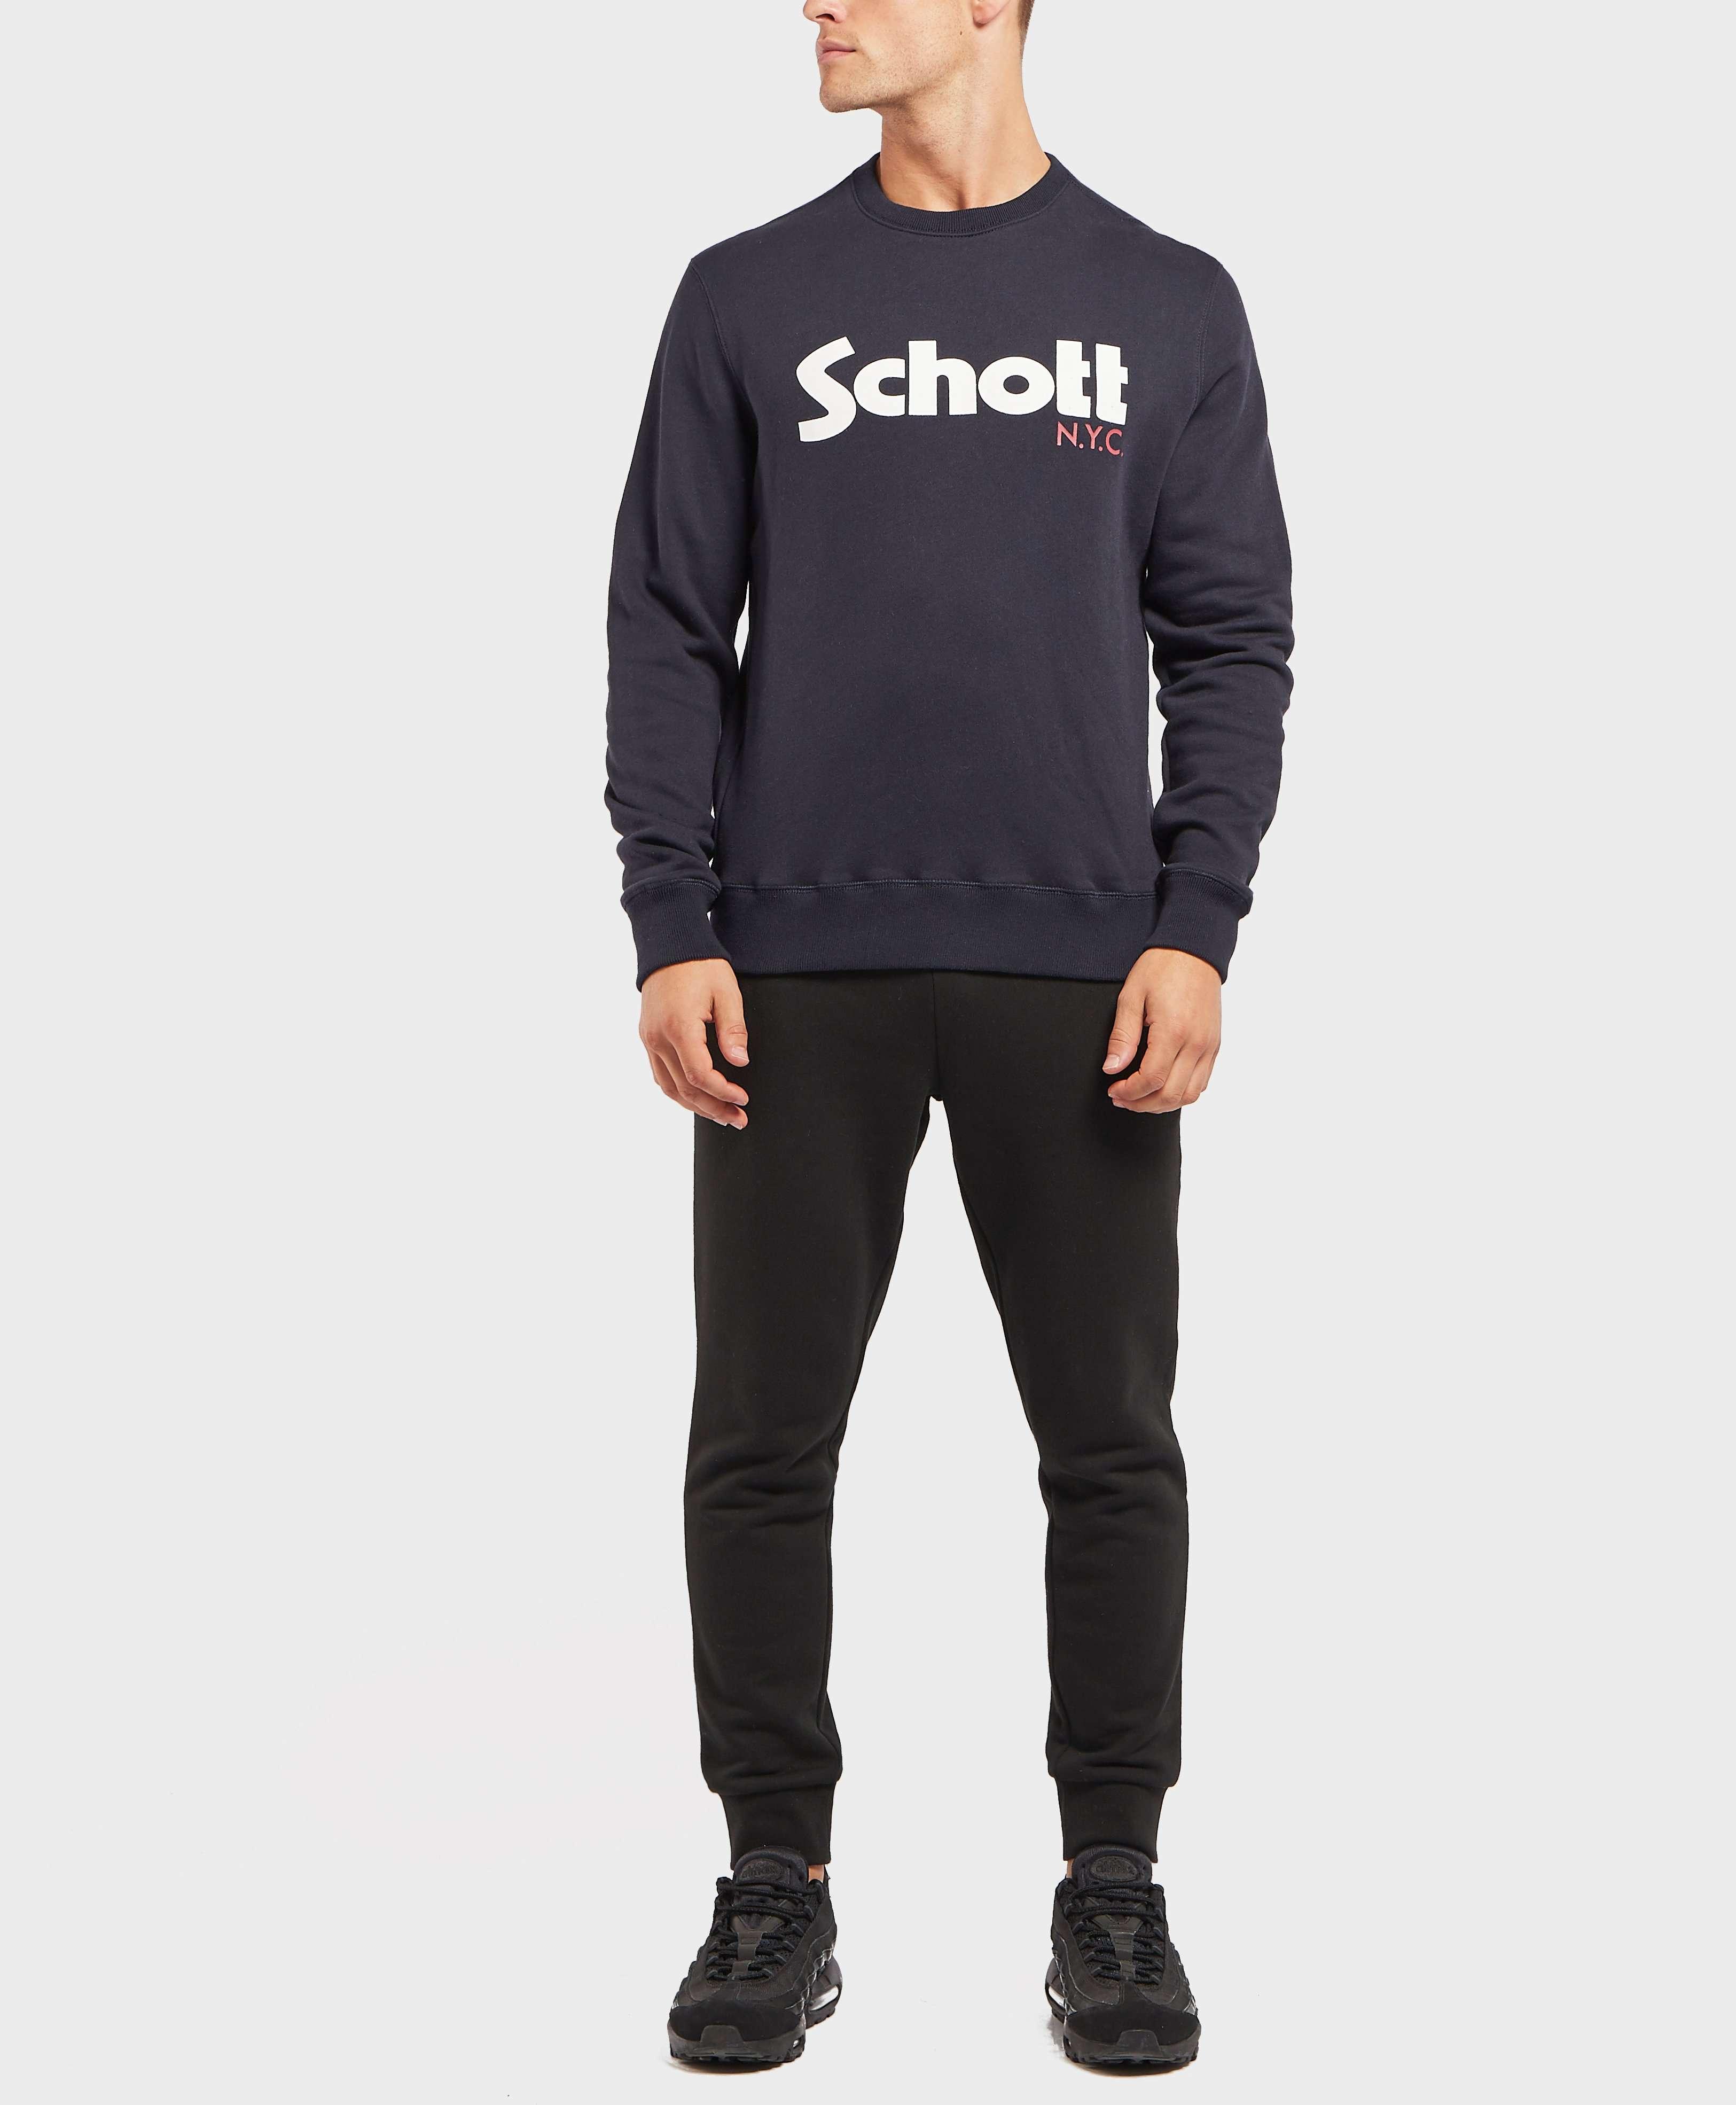 Schott Logo Crew Sweatshirt